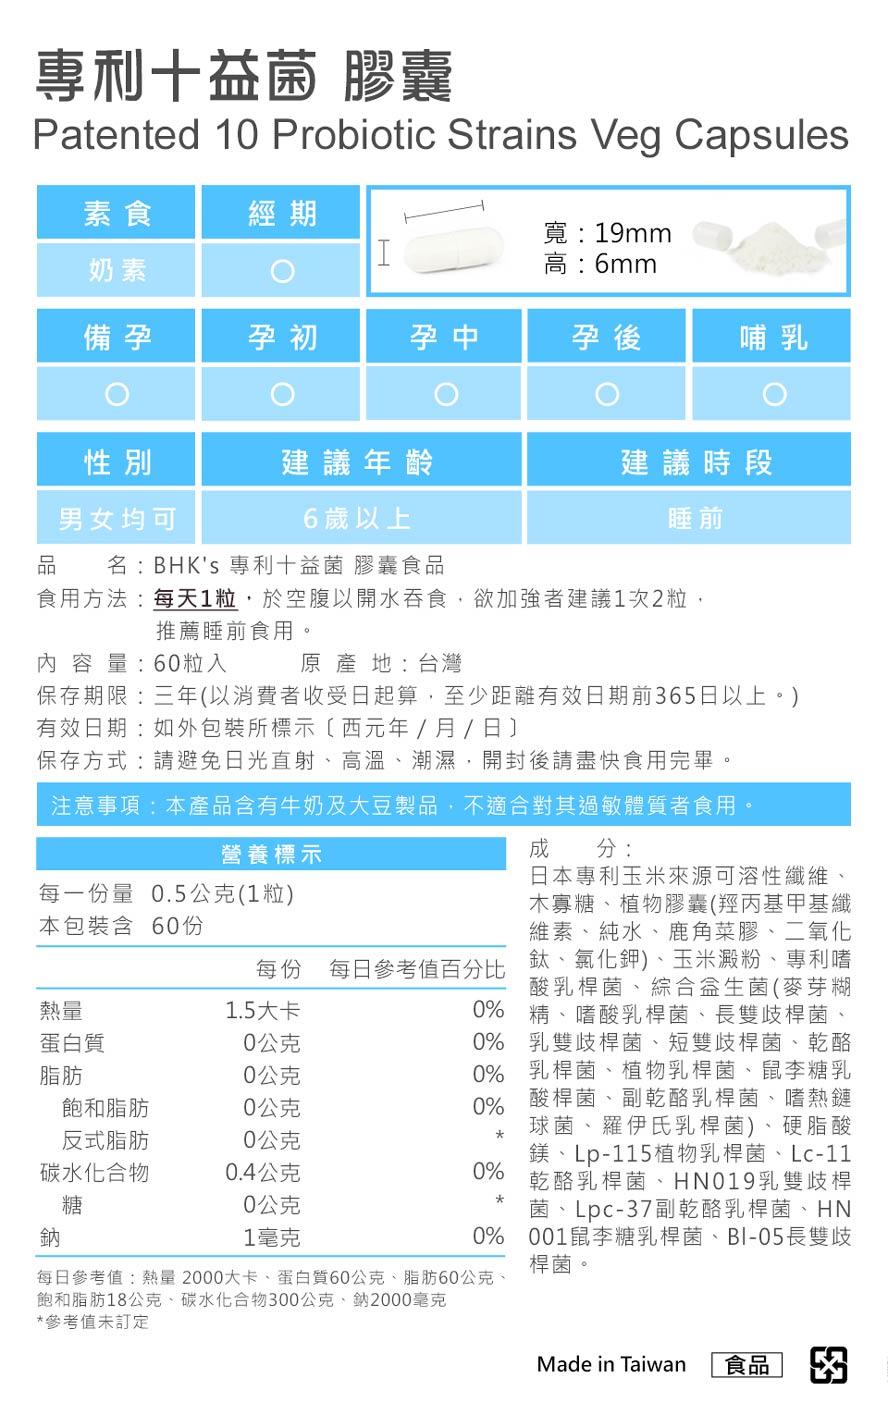 BHK's專利十益菌、植萃酵素通過安全檢驗,安全無慮,無副作用